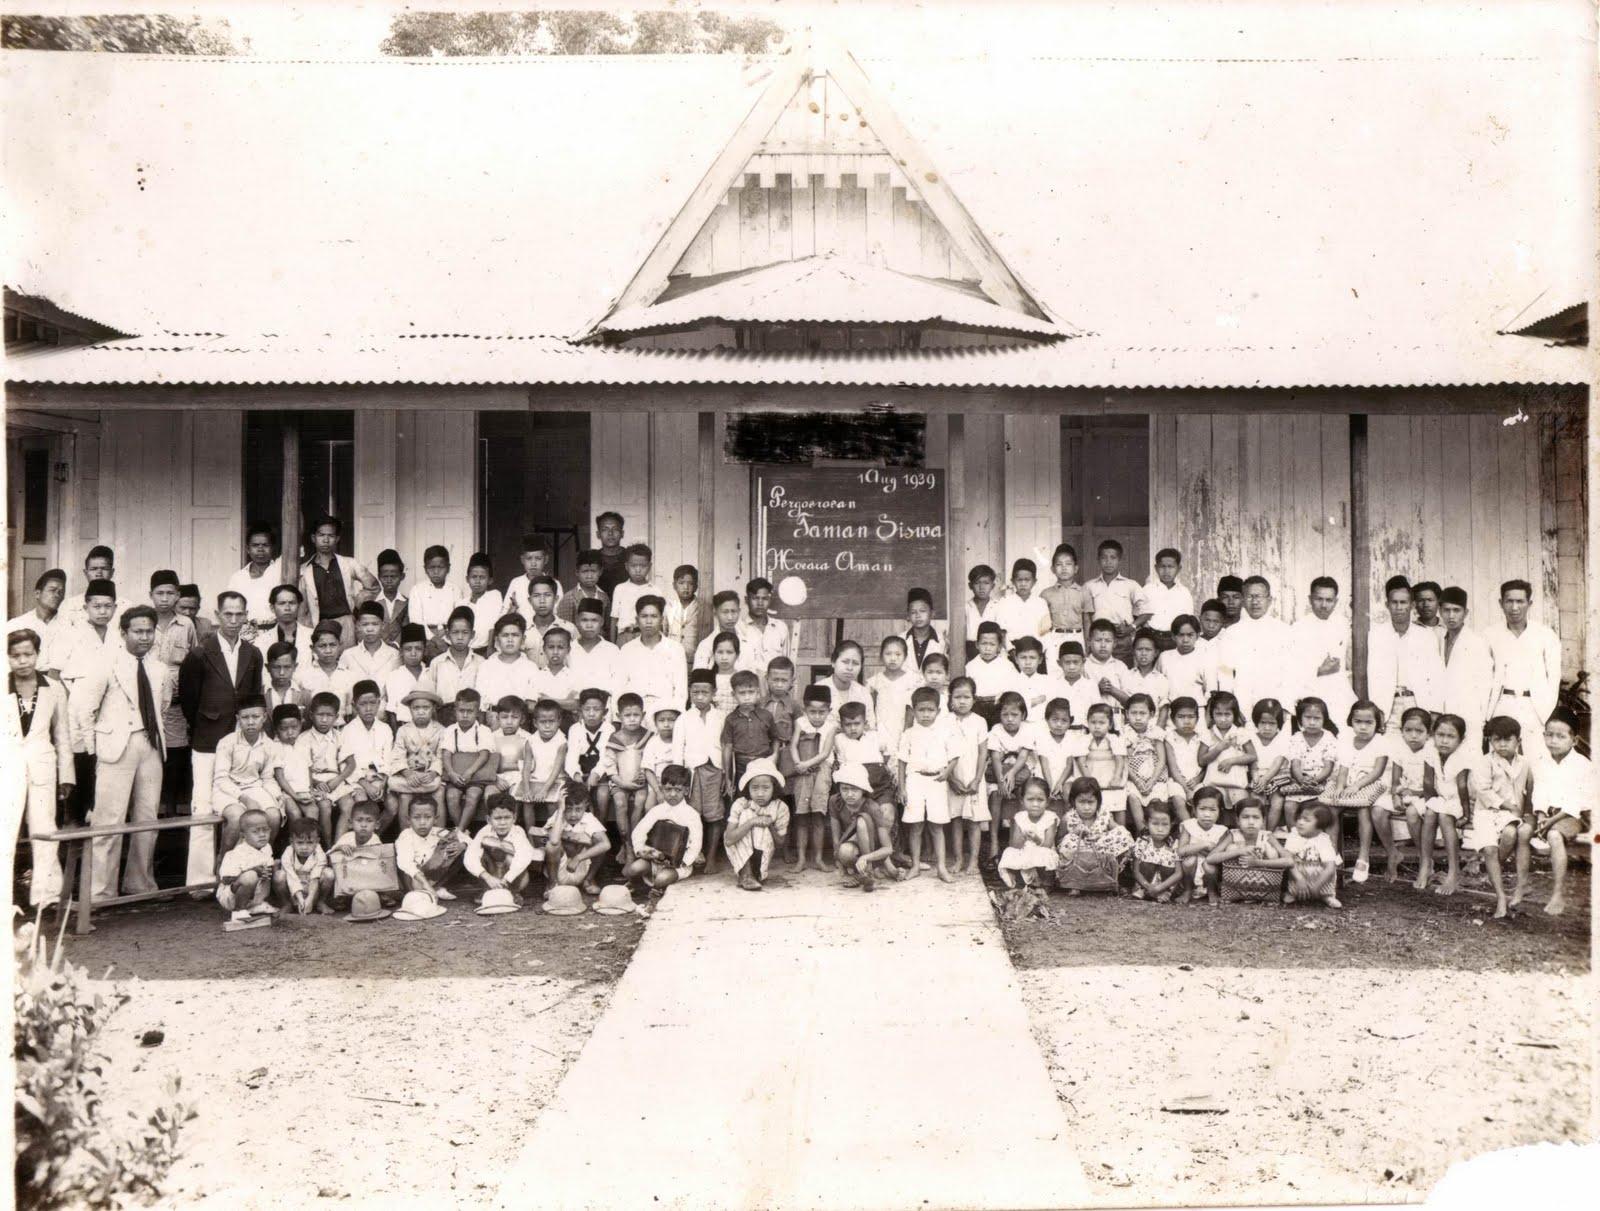 Perguruan Taman Siswa